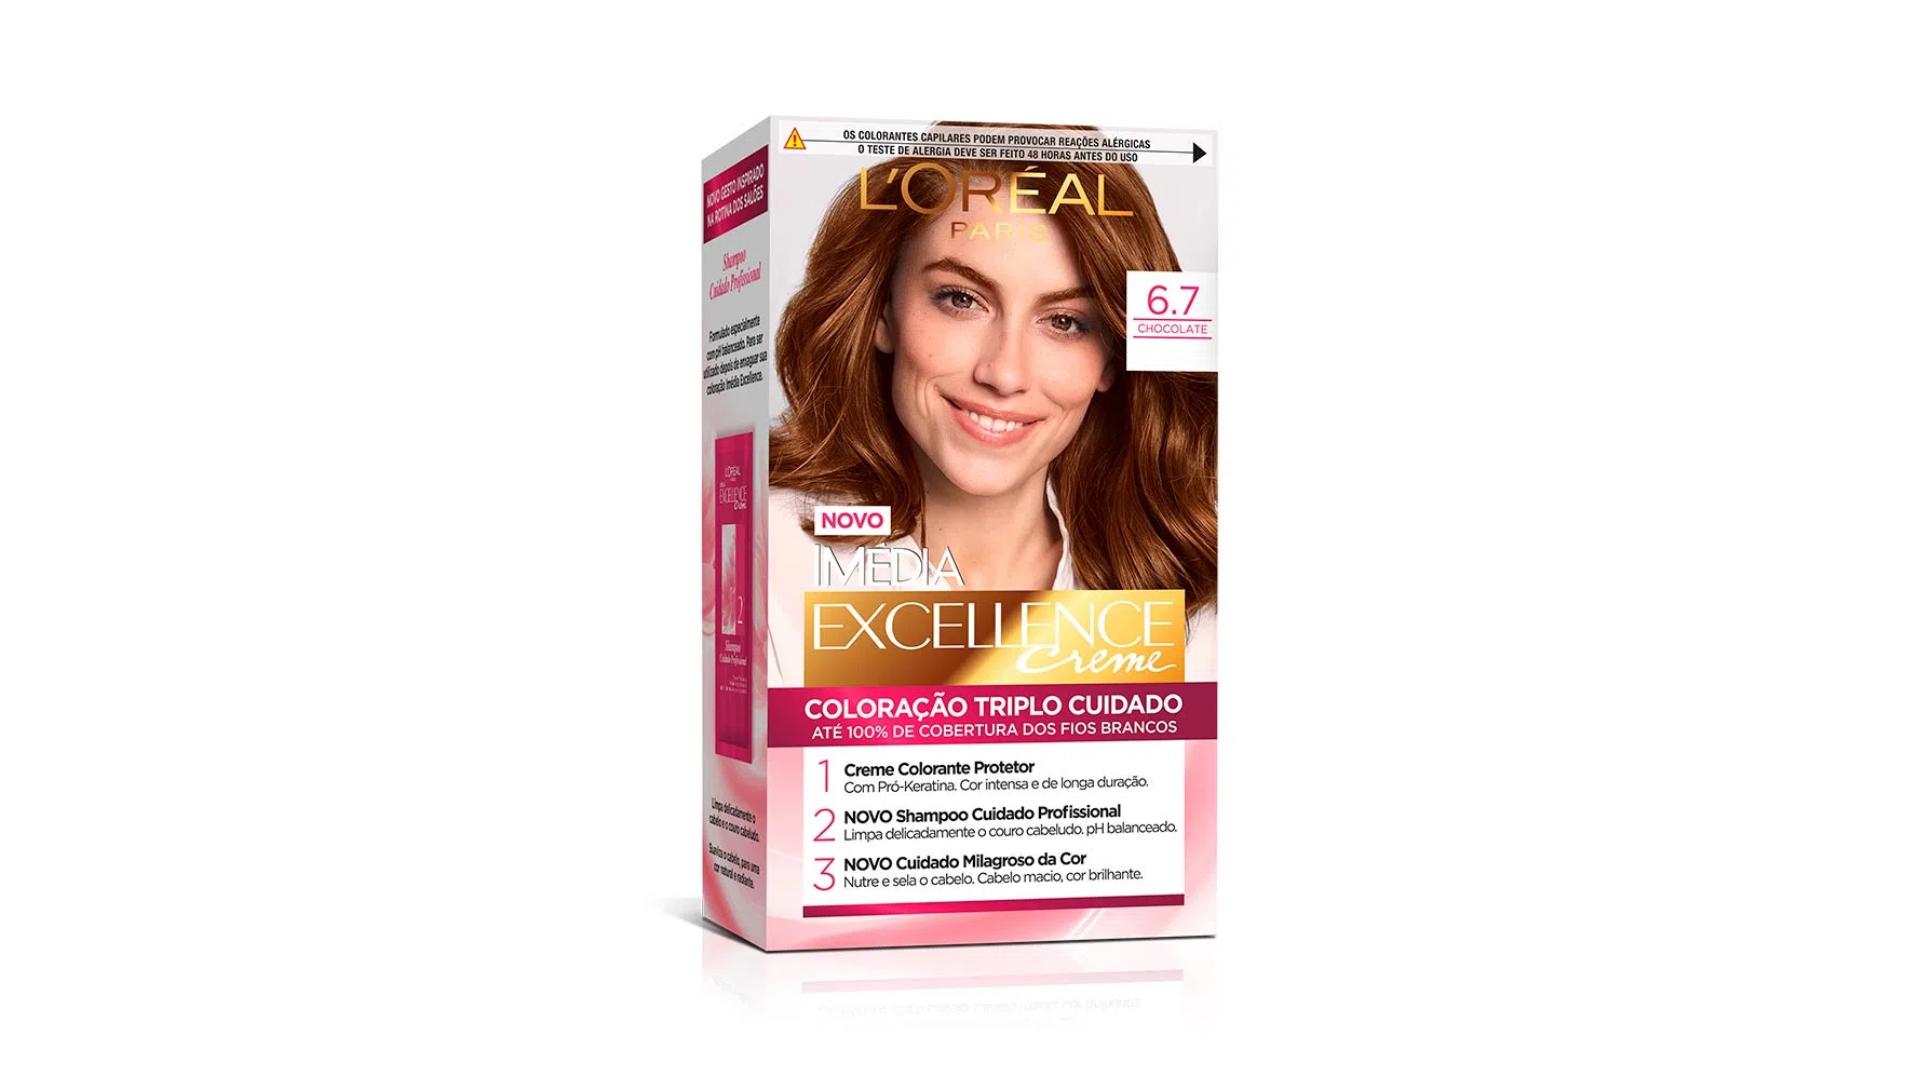 L'Oréal Imédia Excellence Creme (Imagem: Divulgação/L'Oréal)